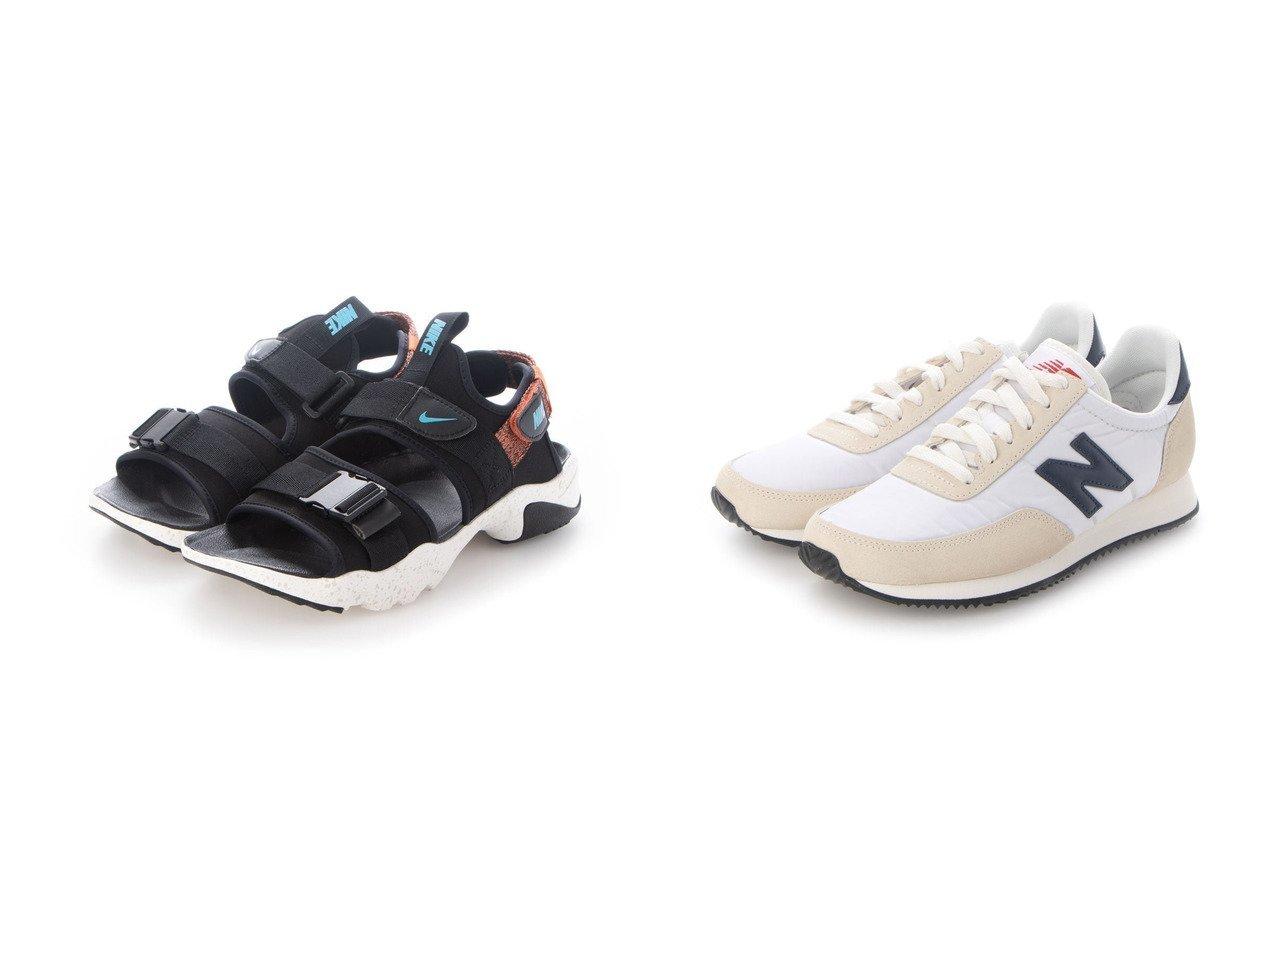 【new balance/ニューバランス】のスニーカー UL720 UL720D&【NIKE/ナイキ】のスポーツサンダル ナイキ キャニオン サンダル CI8797-007 【シューズ・靴】おすすめ!人気、トレンド・レディースファッションの通販 おすすめで人気の流行・トレンド、ファッションの通販商品 インテリア・家具・メンズファッション・キッズファッション・レディースファッション・服の通販 founy(ファニー) https://founy.com/ ファッション Fashion レディースファッション WOMEN スポーツウェア Sportswear サンダル / ミュール Sandals 2021年 2021 2021春夏・S/S SS/Spring/Summer/2021 S/S・春夏 SS・Spring/Summer サンダル スポーツ ビーチ フォーム 夏 Summer 春 Spring |ID:crp329100000050317